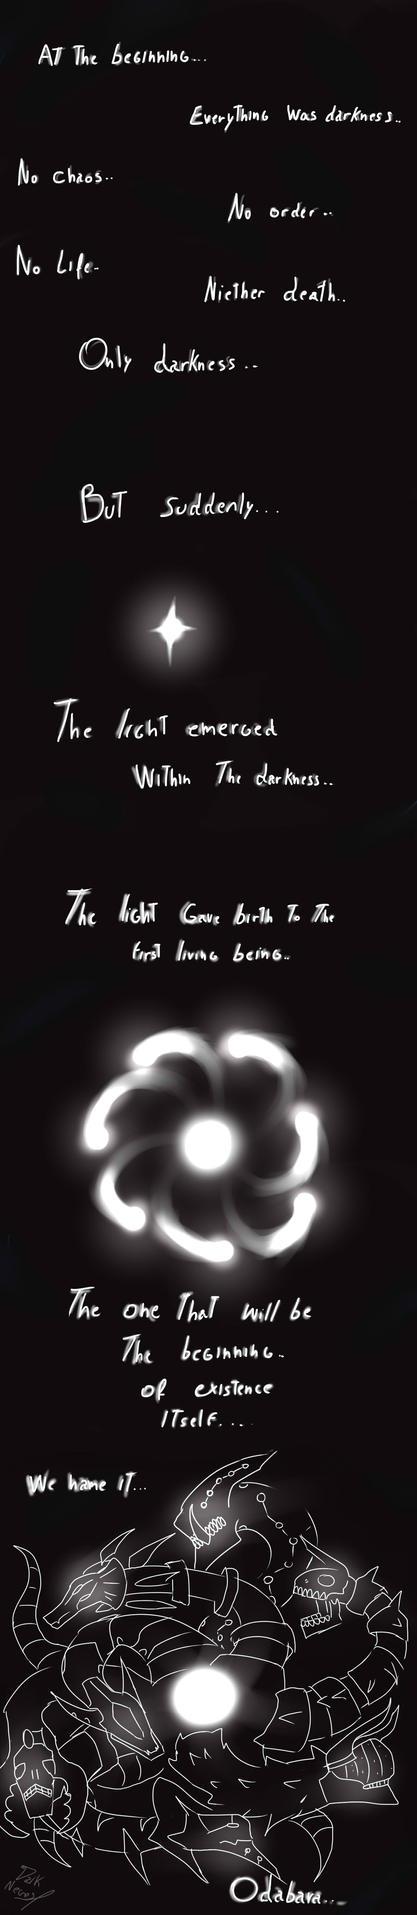 At the beginning... by Dark-Necros